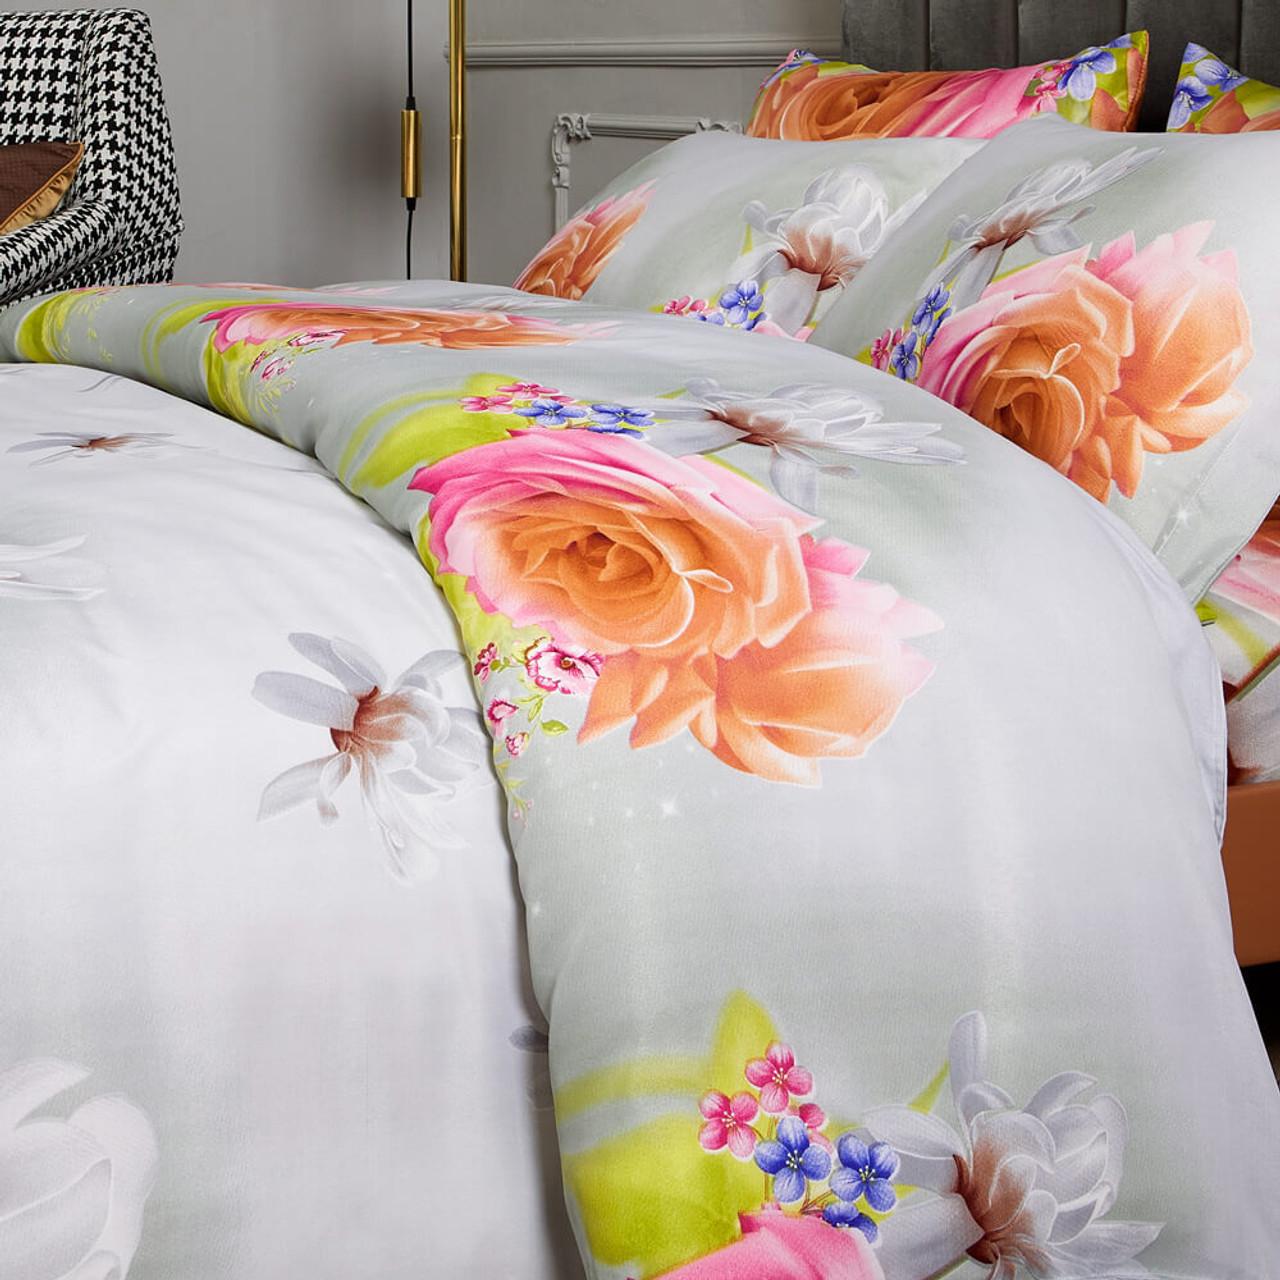 Floral Design Bedding Sets